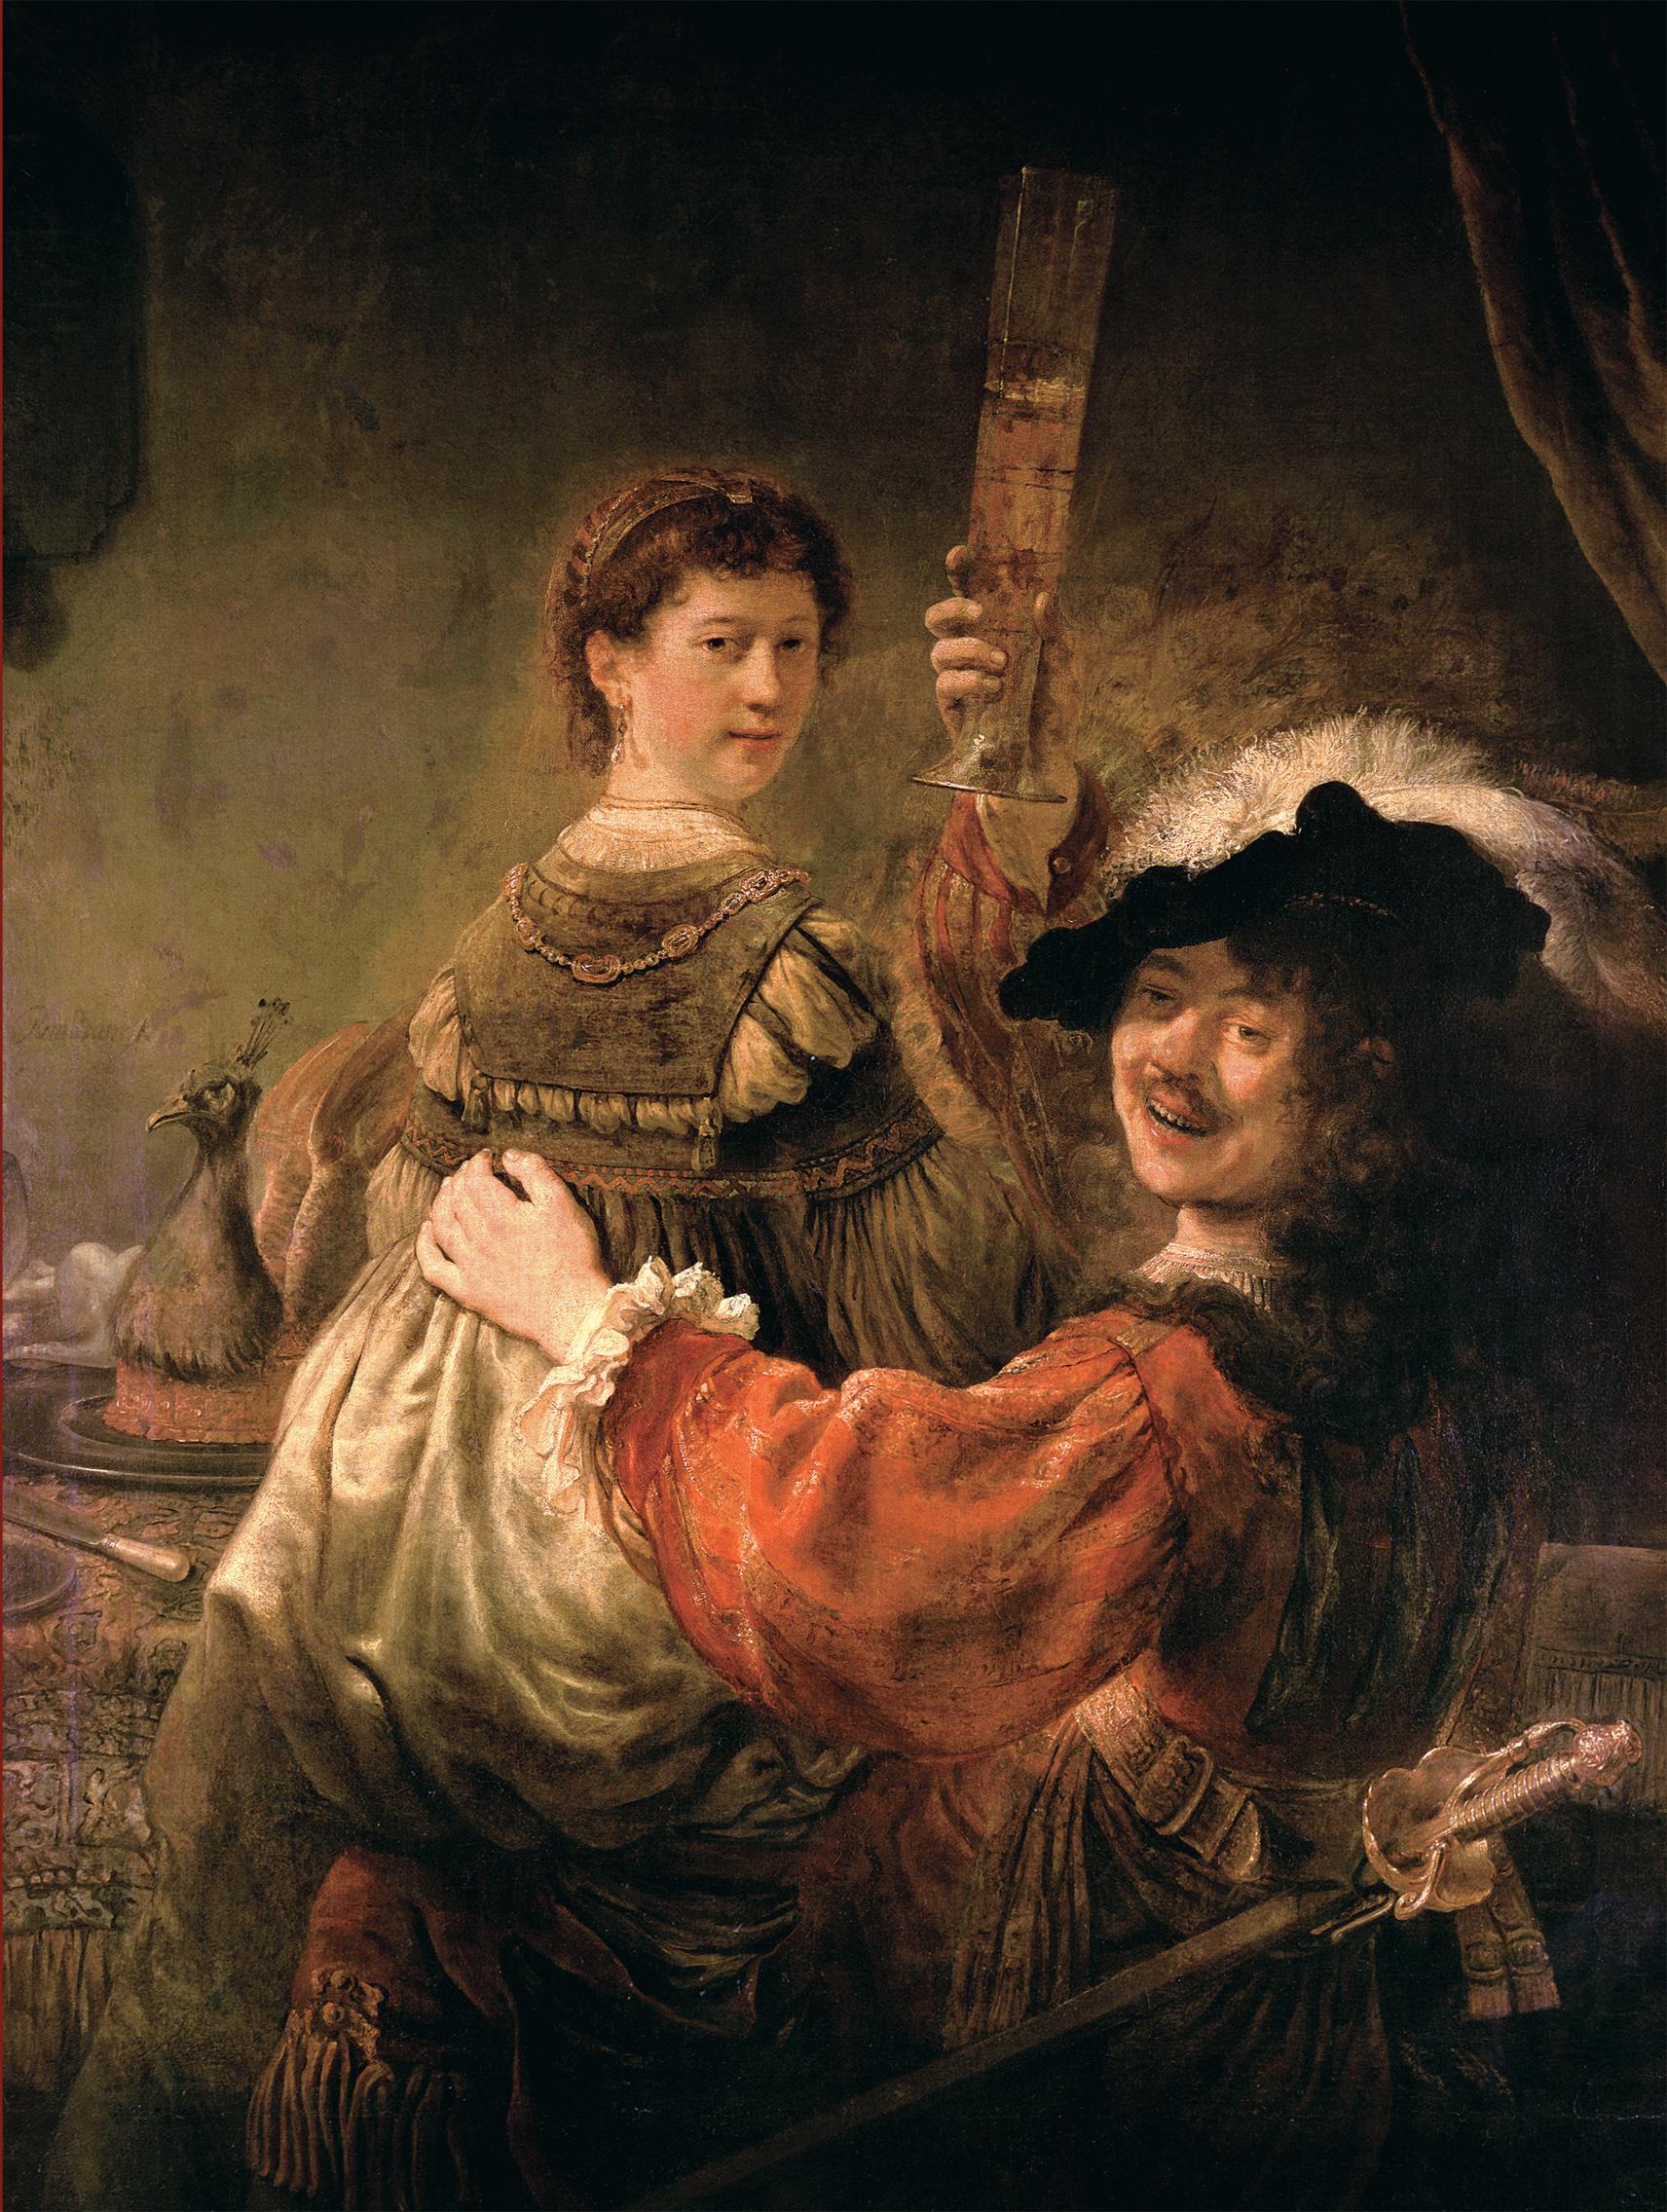 Рембрандт. Жизнь и творчество в 500 картинах орлова ю ред импрессионисты жизнь и творчество в 500 картинах